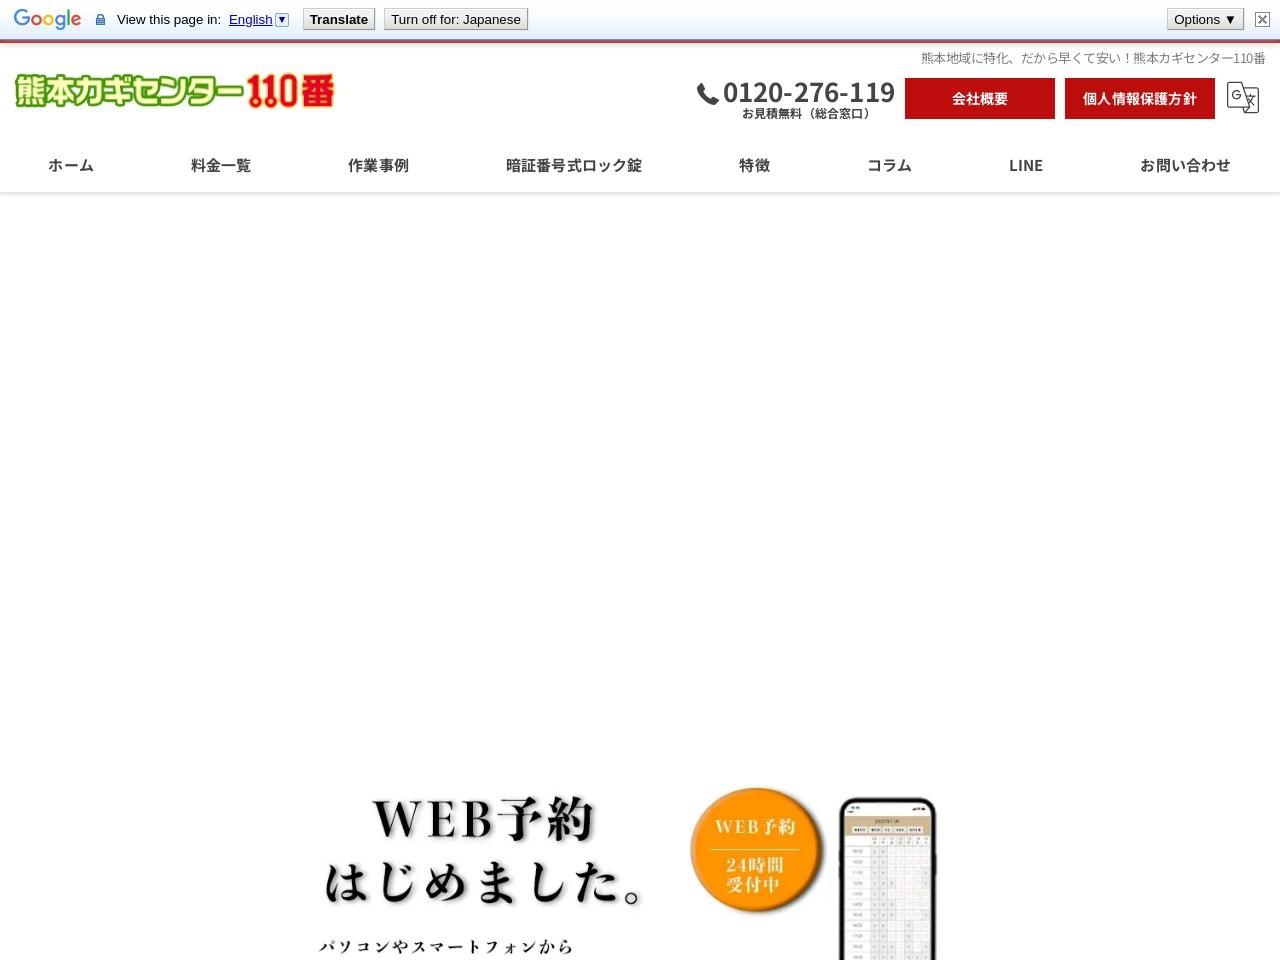 カギのトラブル救助隊・熊本南区・中央区・西区緊急受付